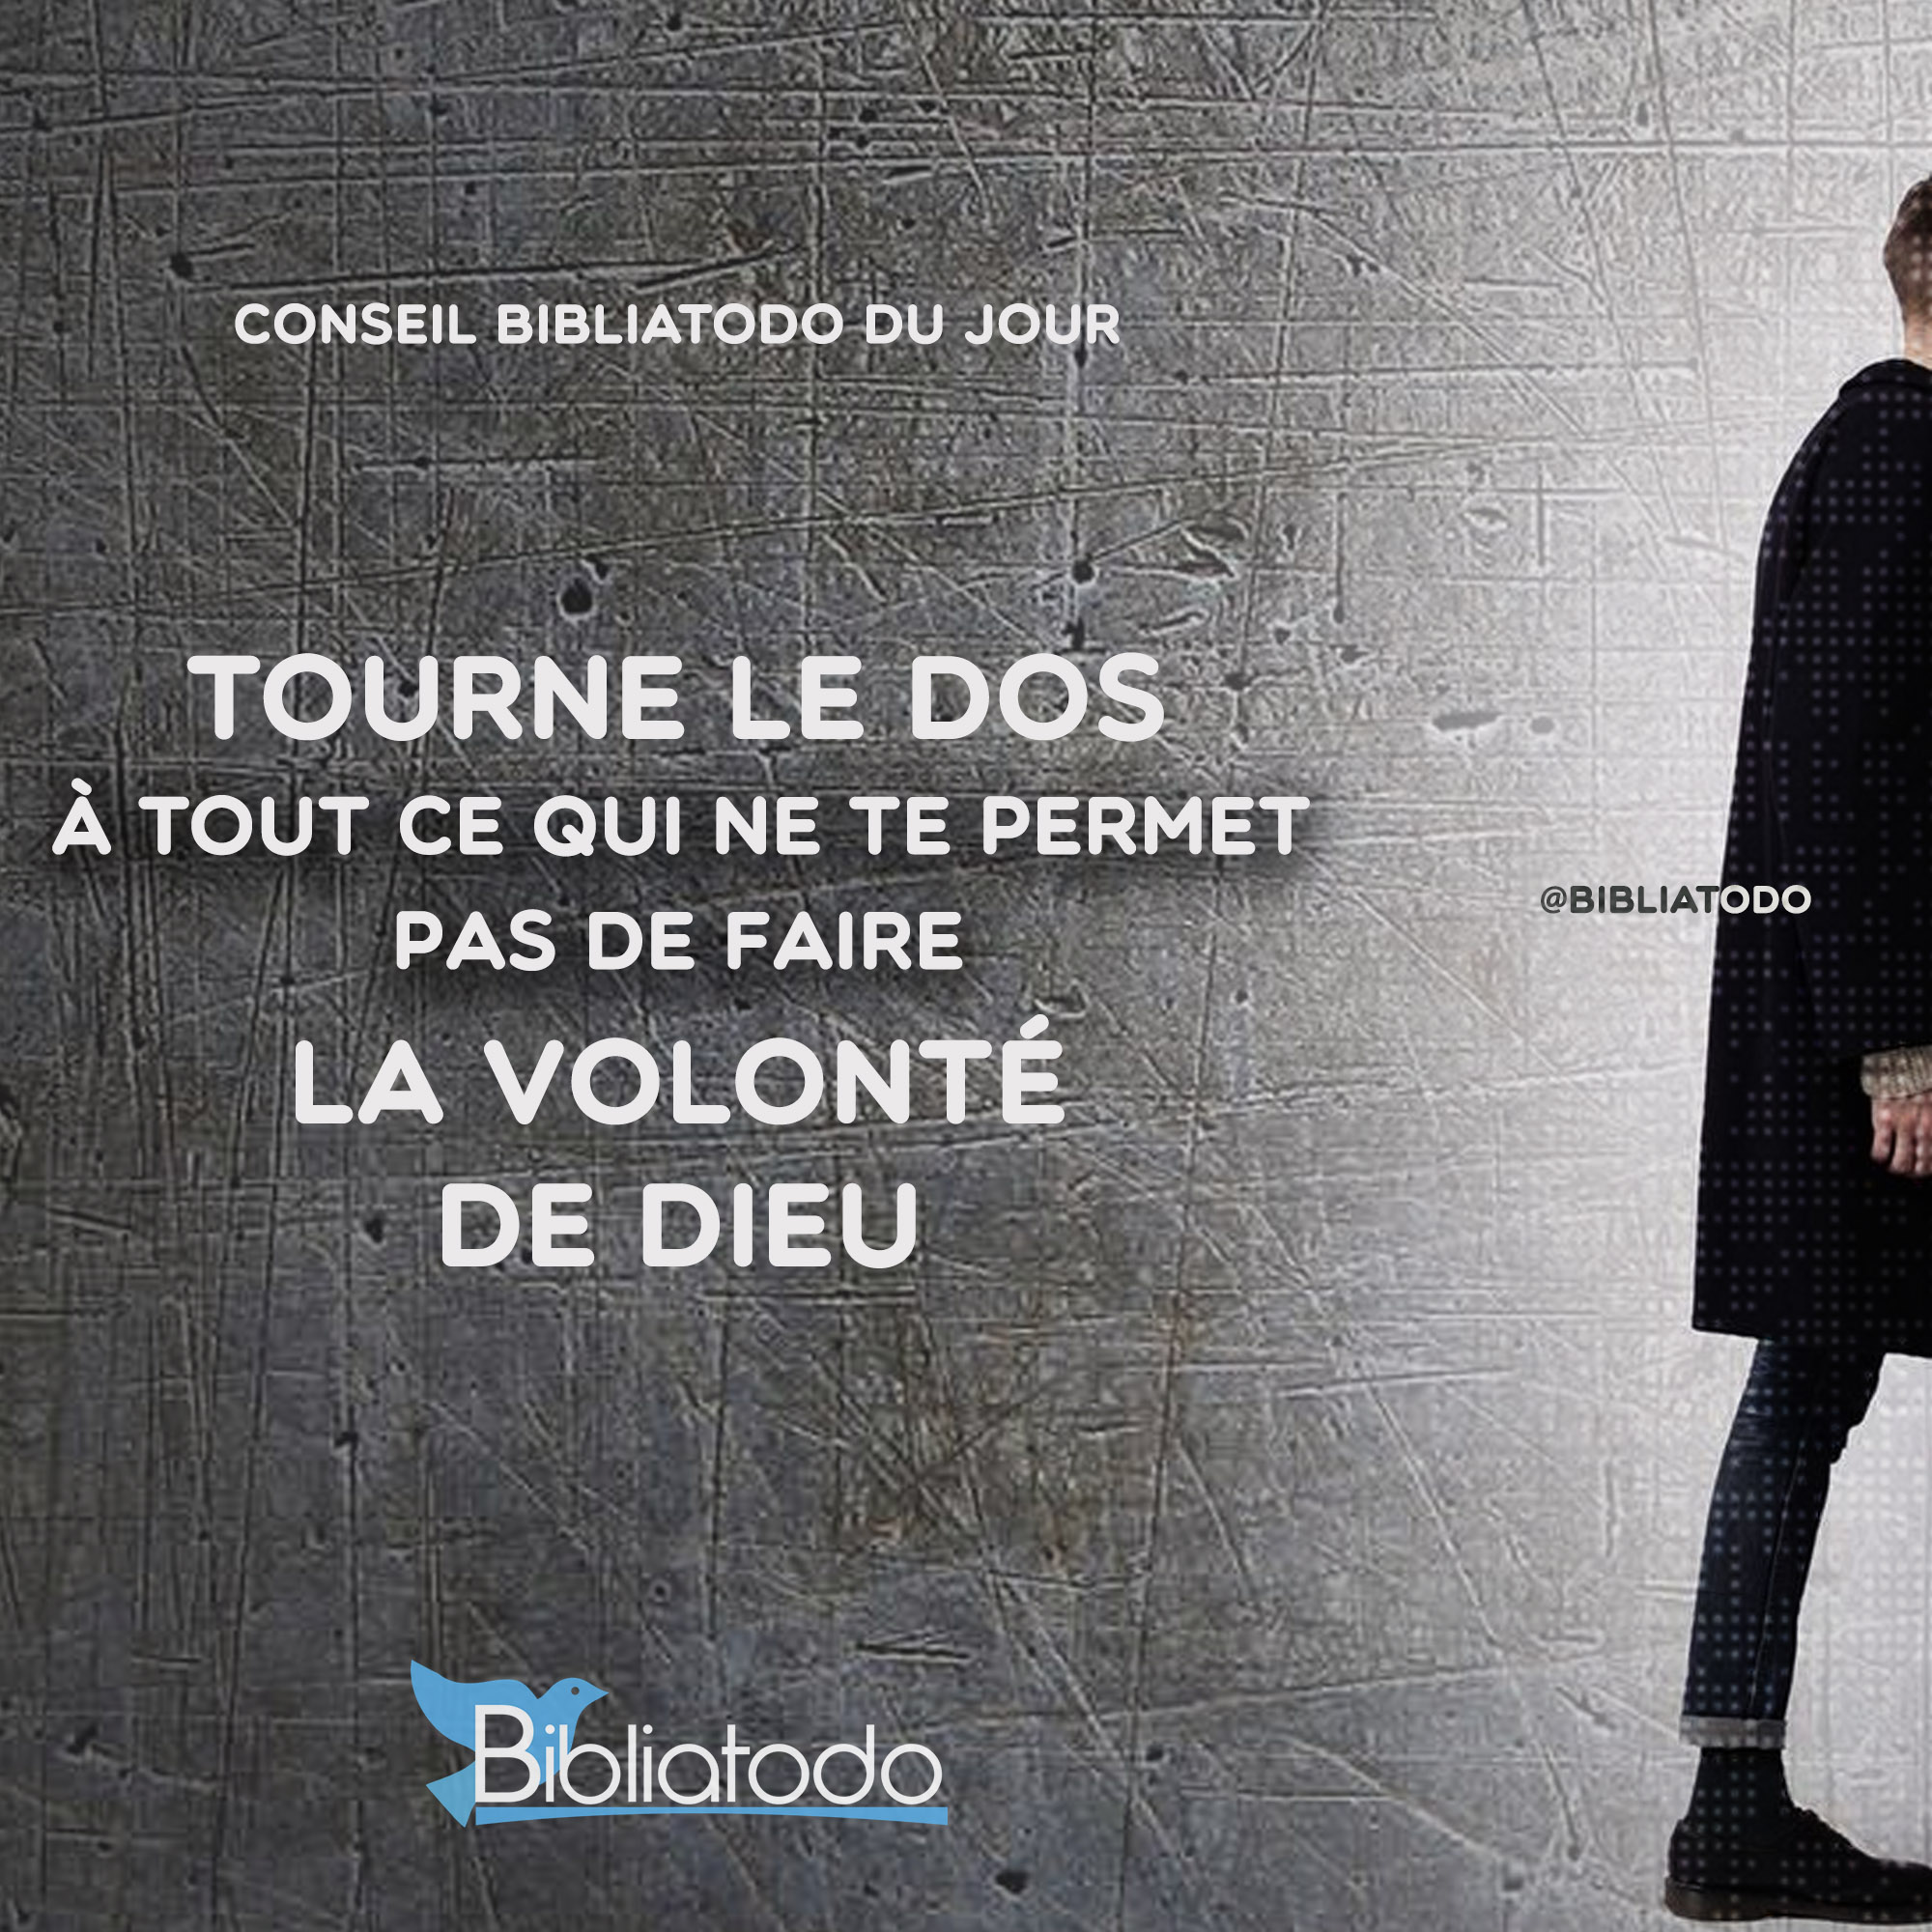 fr-con-1137-Tourne-le-dos-à-tout-ce-qui-ne-te-permet-pas-de-faire-la-volonté-de-Dieu